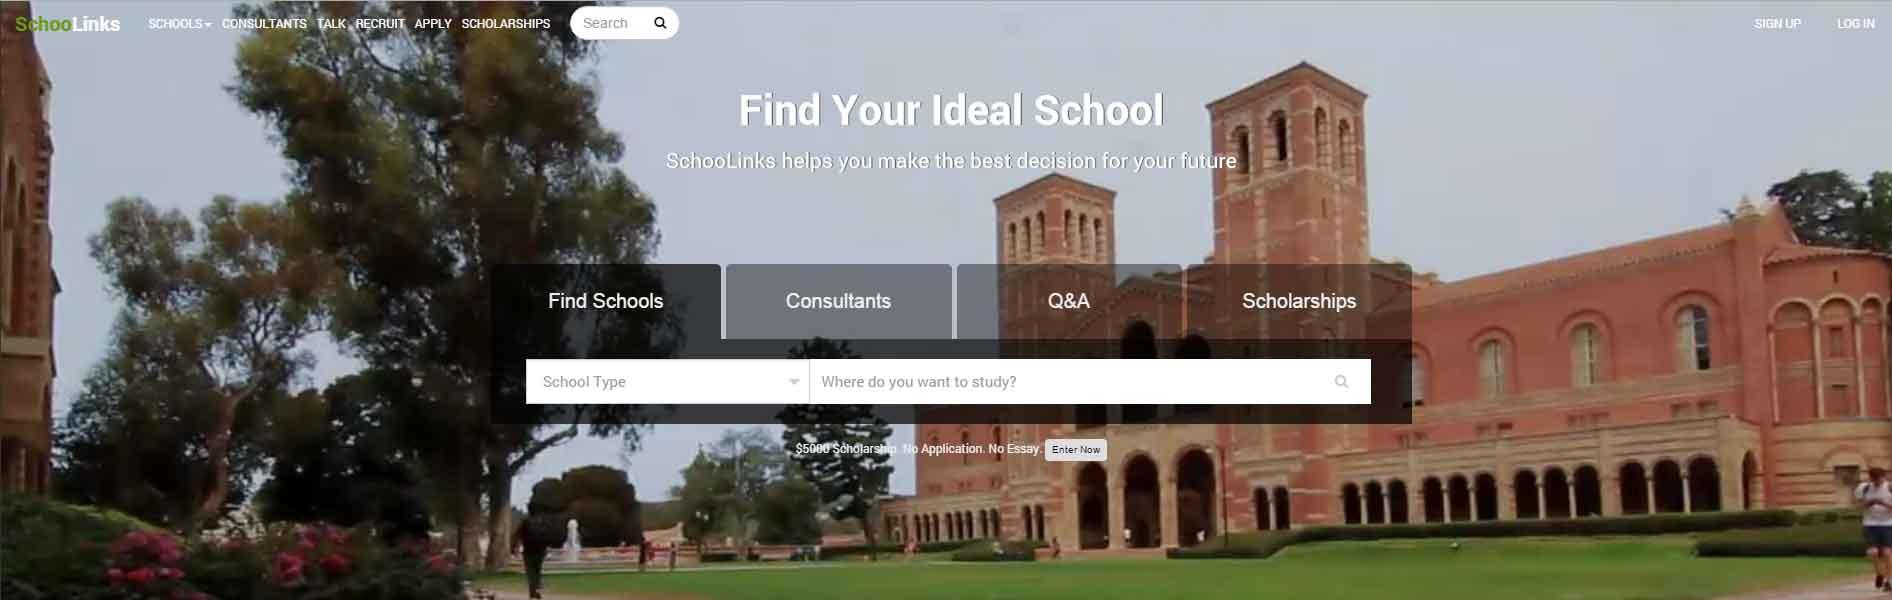 schoolinks-website